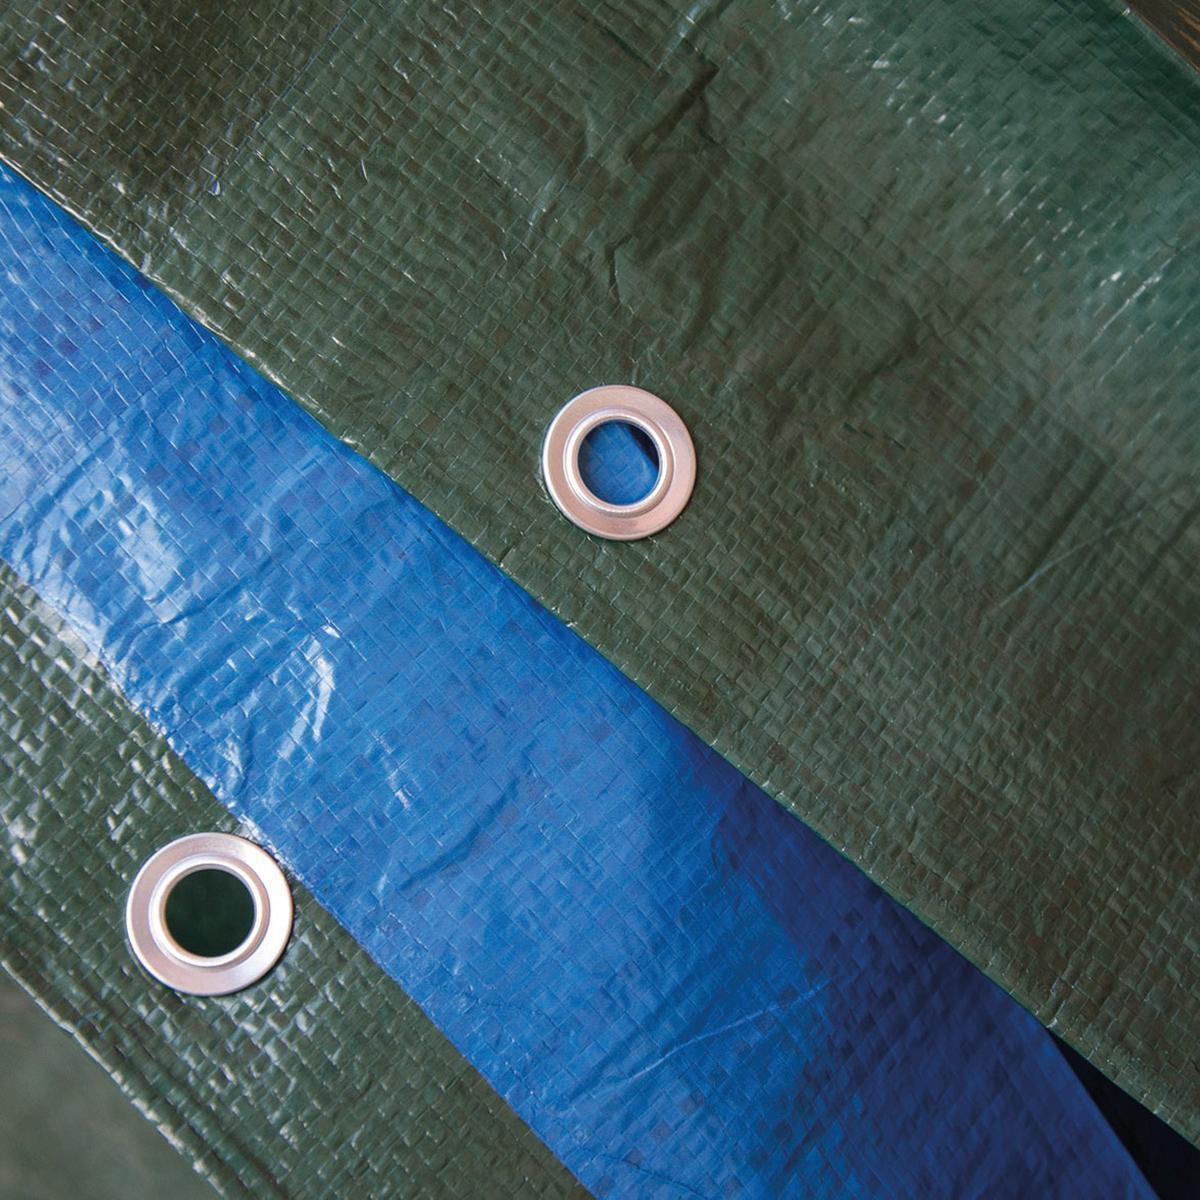 Telo protettivo in polietilene occhiellato L 2 m x H 300 cm 140 g/m² - 3